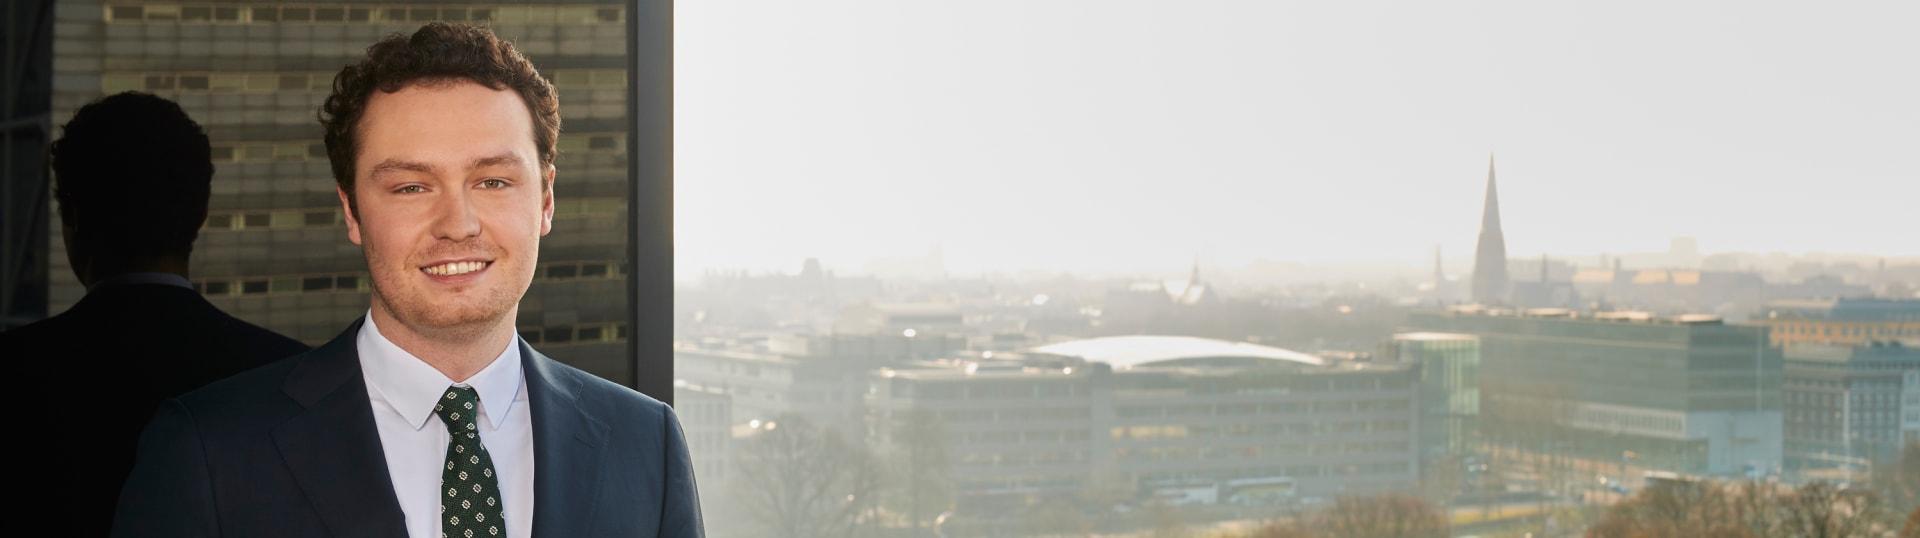 Bram Kleinhout, advocaat Pels Rijcken